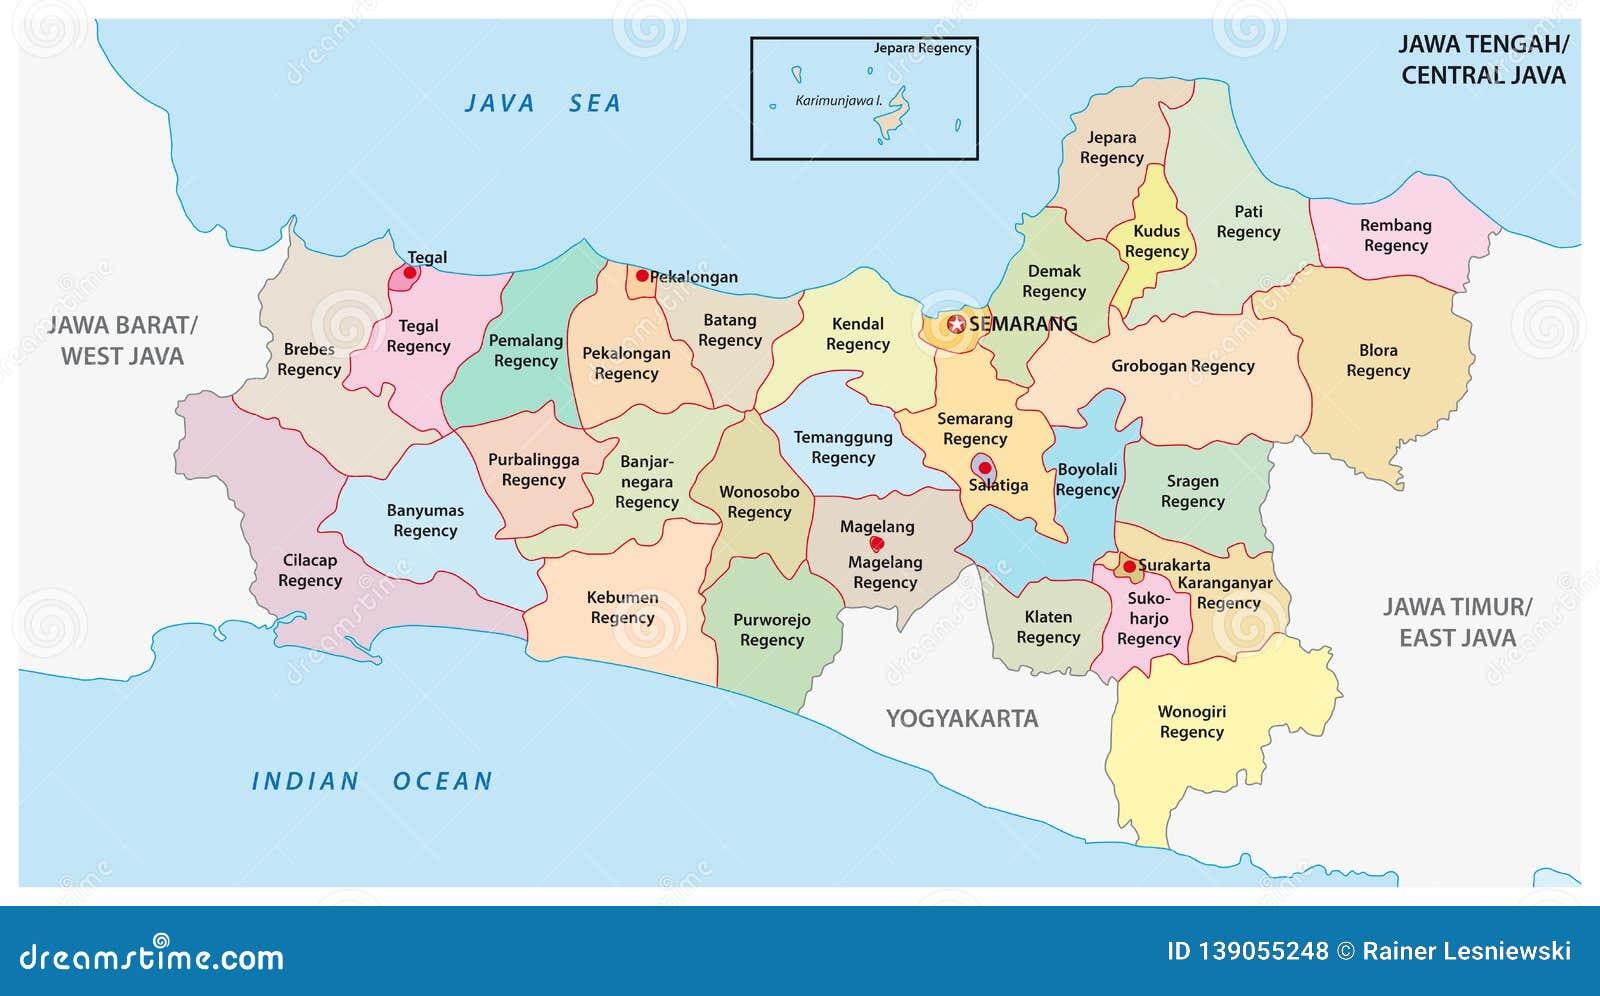 Jawa Tengah Central Java Administrative And Political